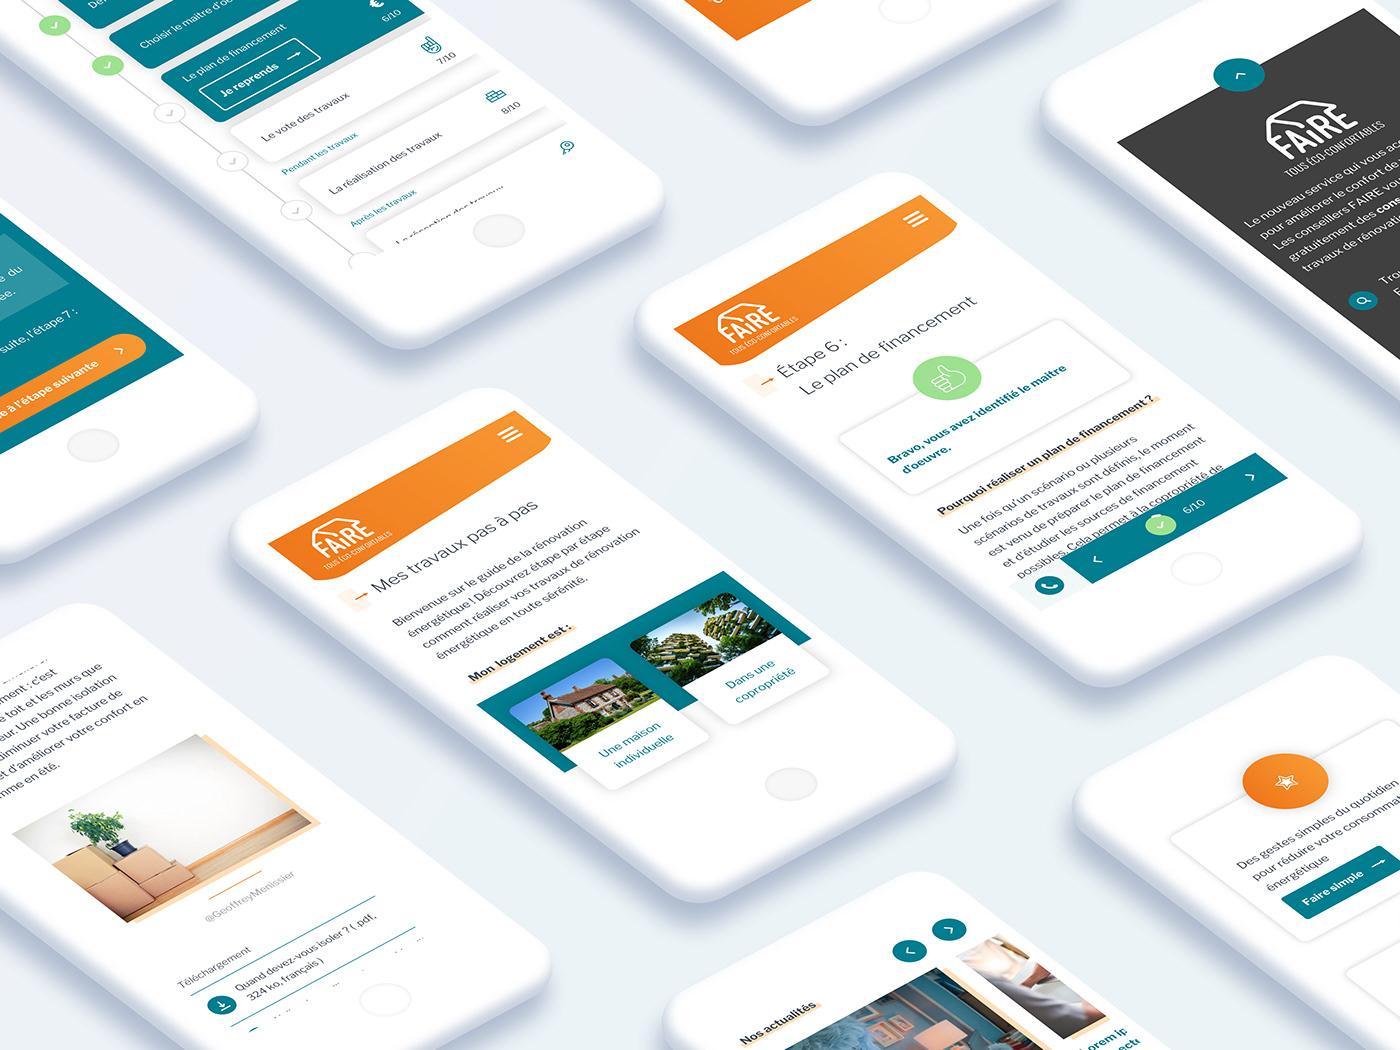 Les interfaces mobiles du site faire.fr.